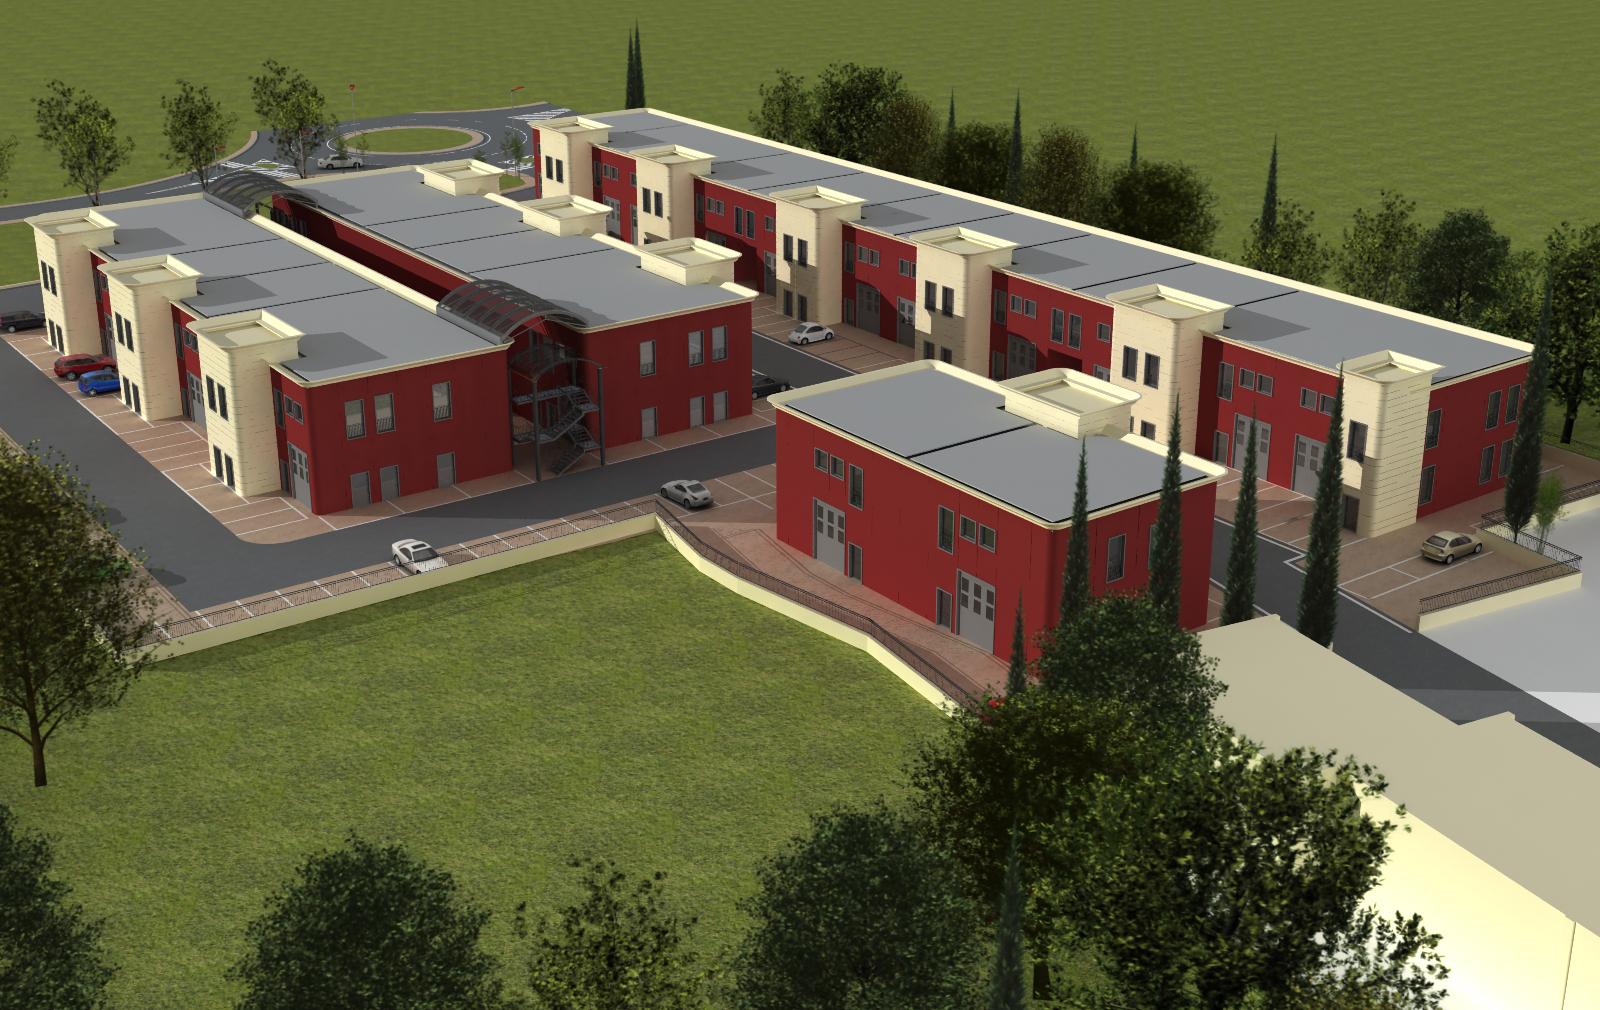 nuova-costruzione-di-fabbricati-artigianali-in-lucca-frazione-di-san-filippo-image-3